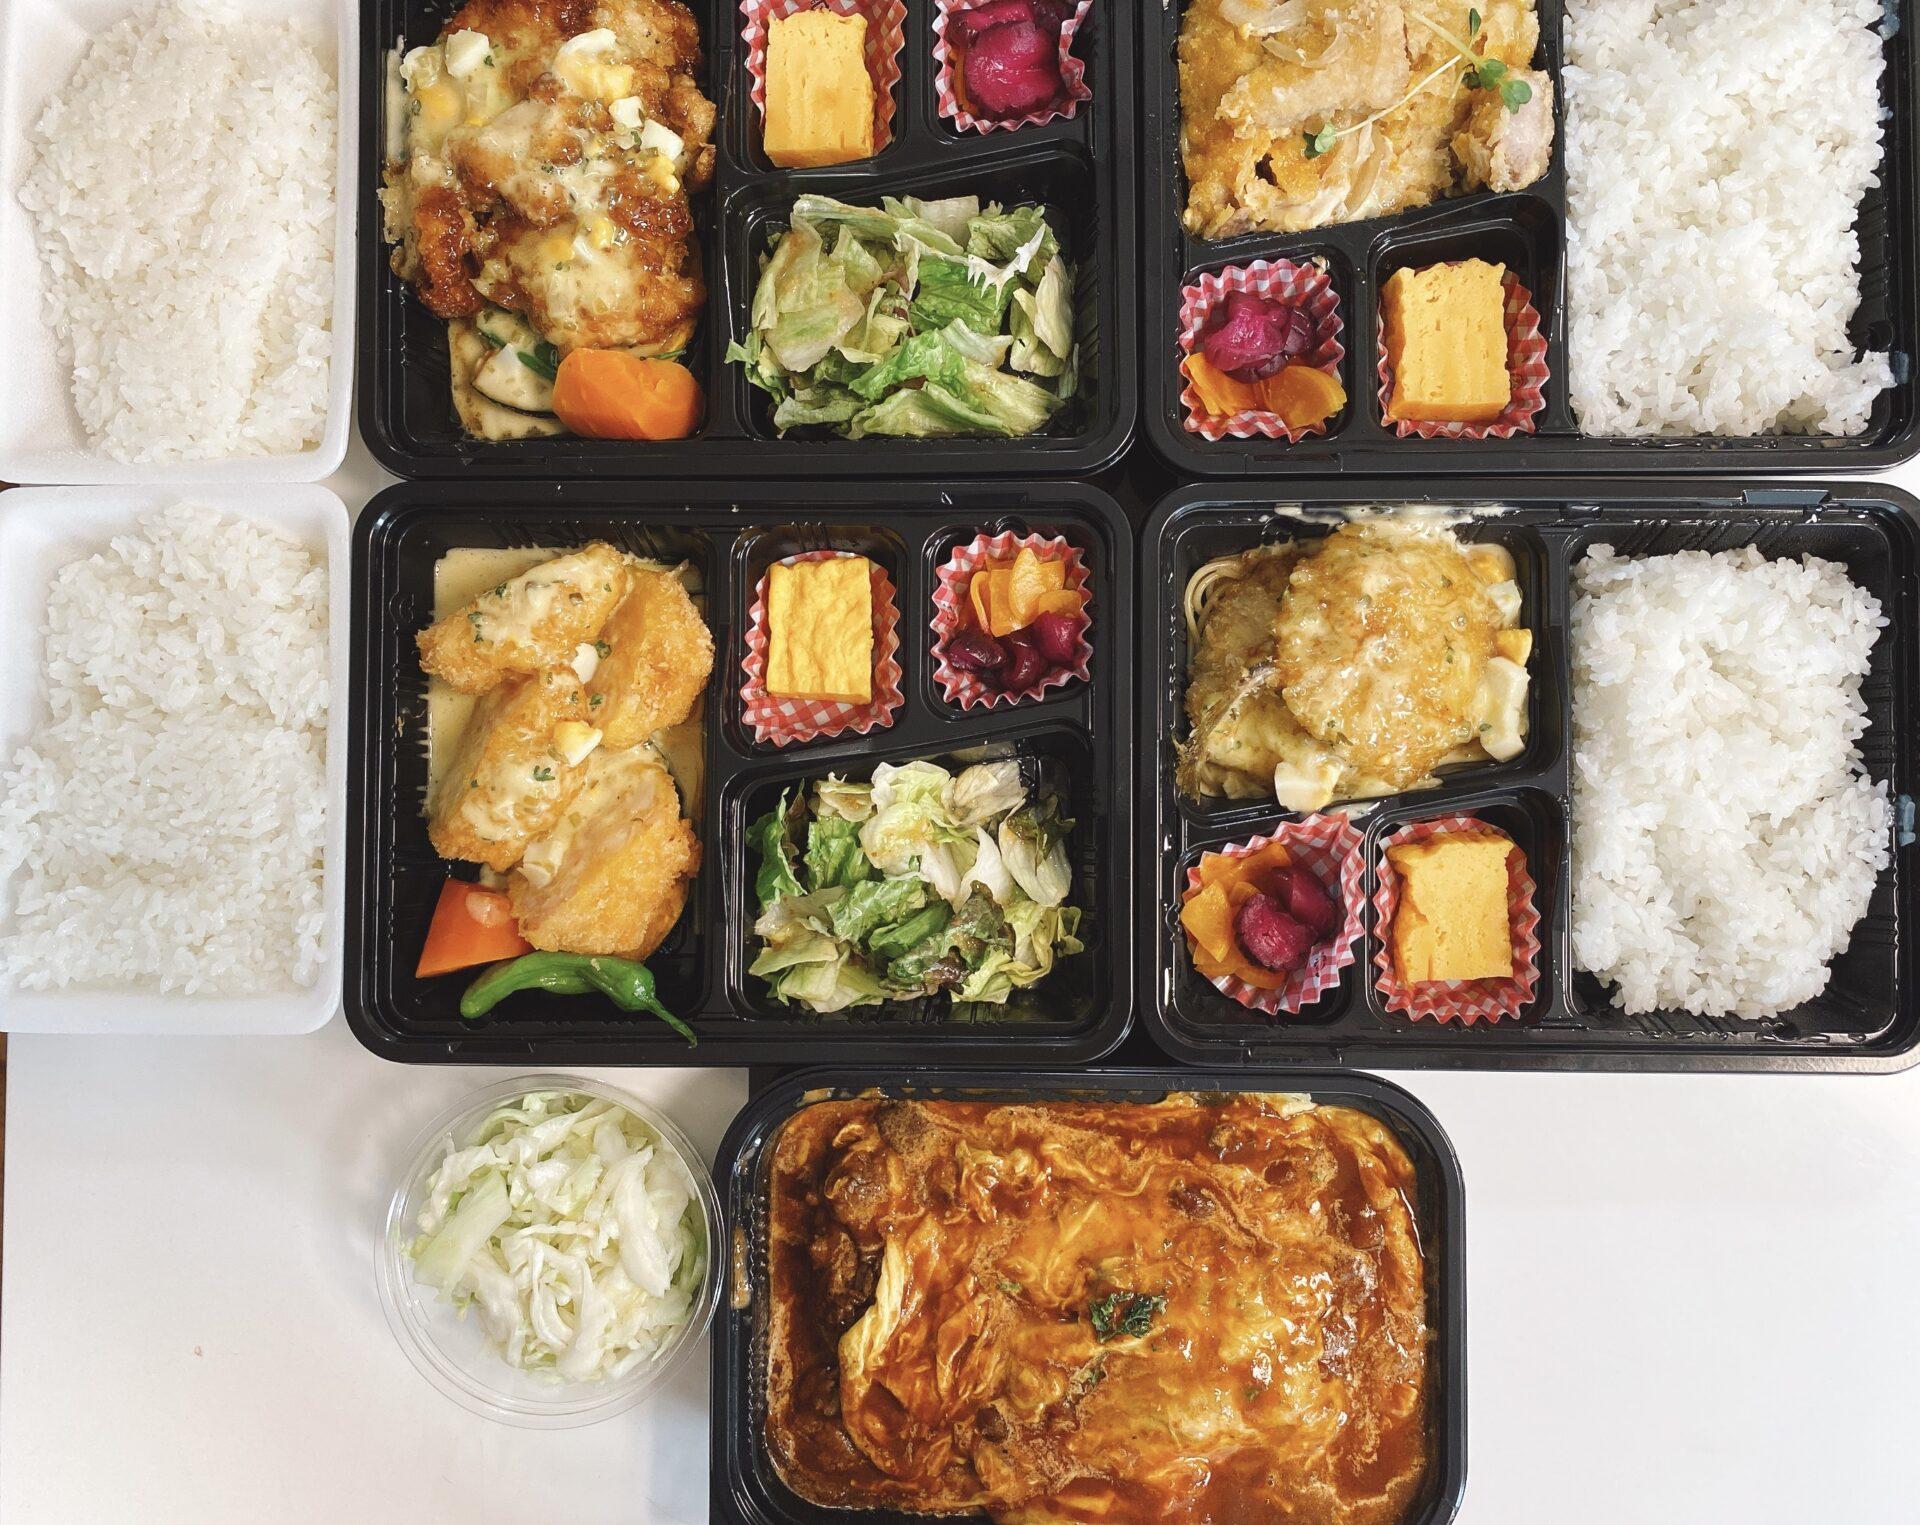 【岡山市南区のテイクアウト】洋食カフェ もみじ堂の持ち帰り弁当がイケる!えびかつ弁当、チキン南蛮弁当、オムえびめしが美味い!